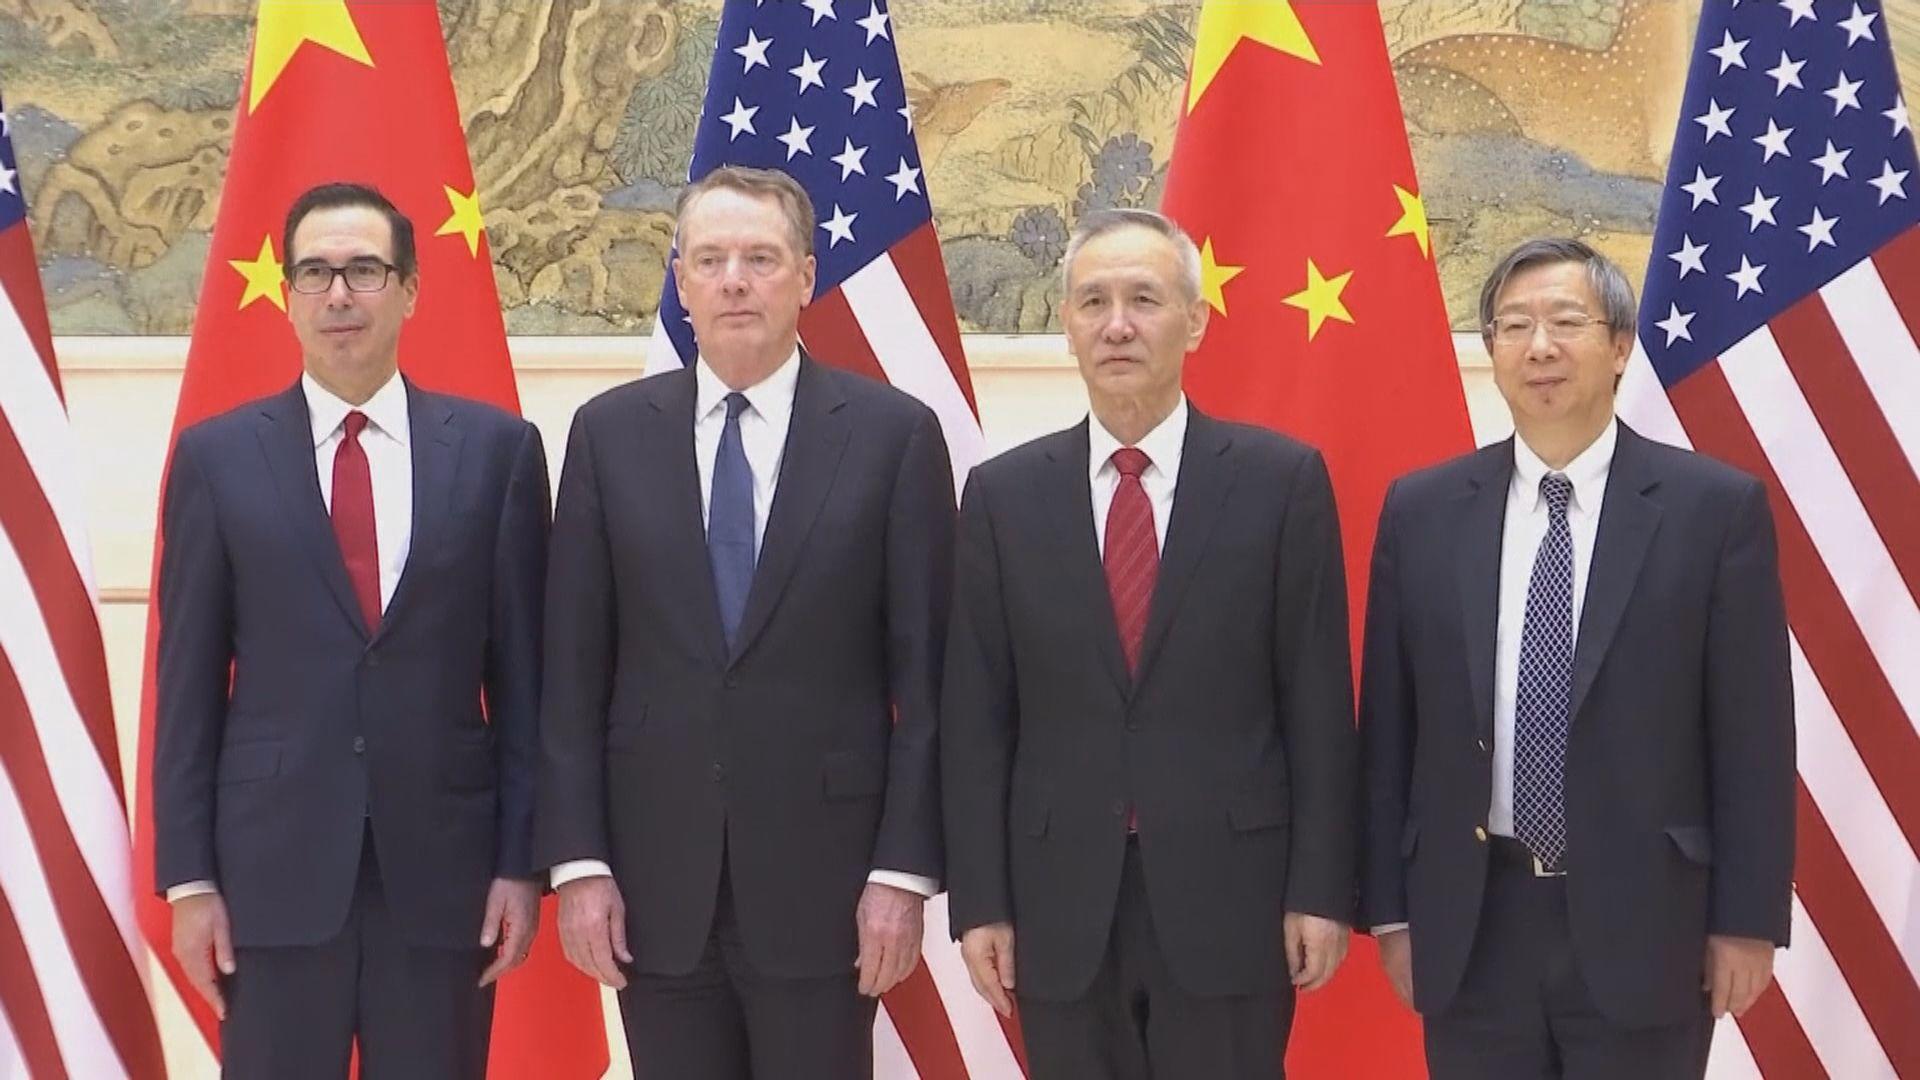 【中美貿戰】傳中美將發諒解備忘錄為習特會鋪路